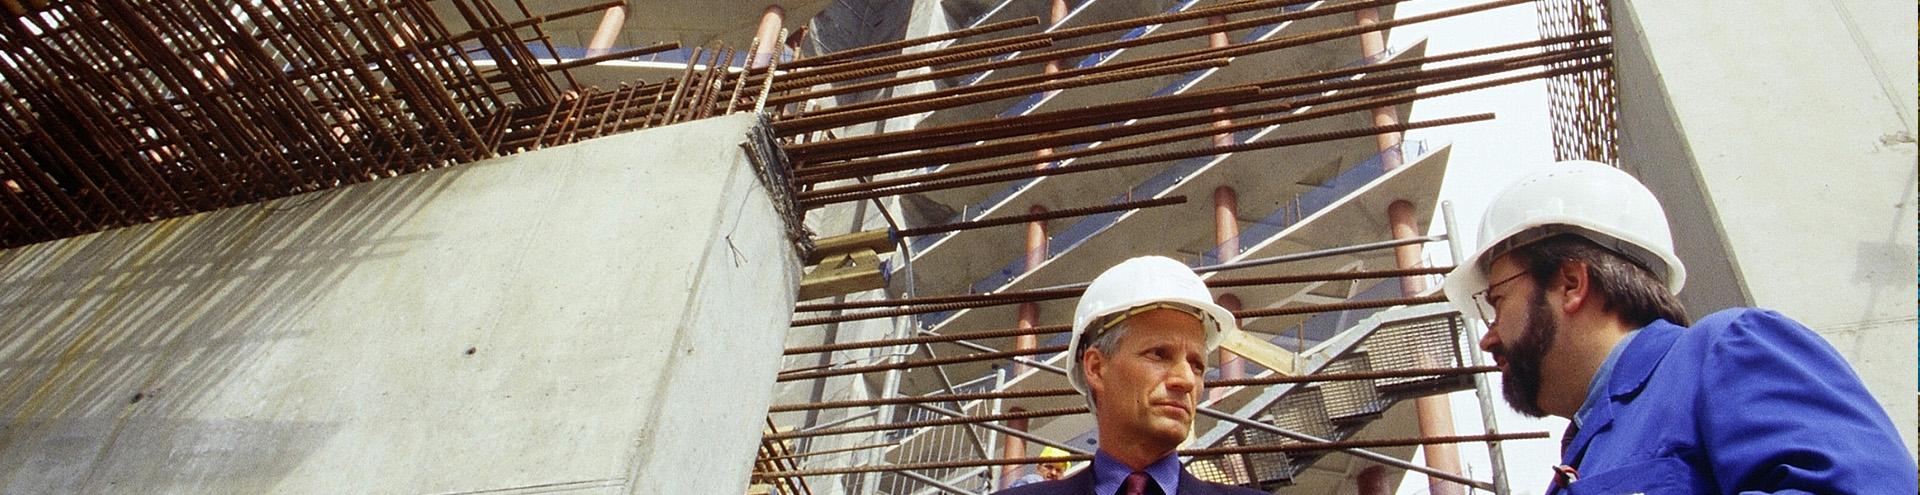 Юрист по долевому строительству в Калуге и Калужской области